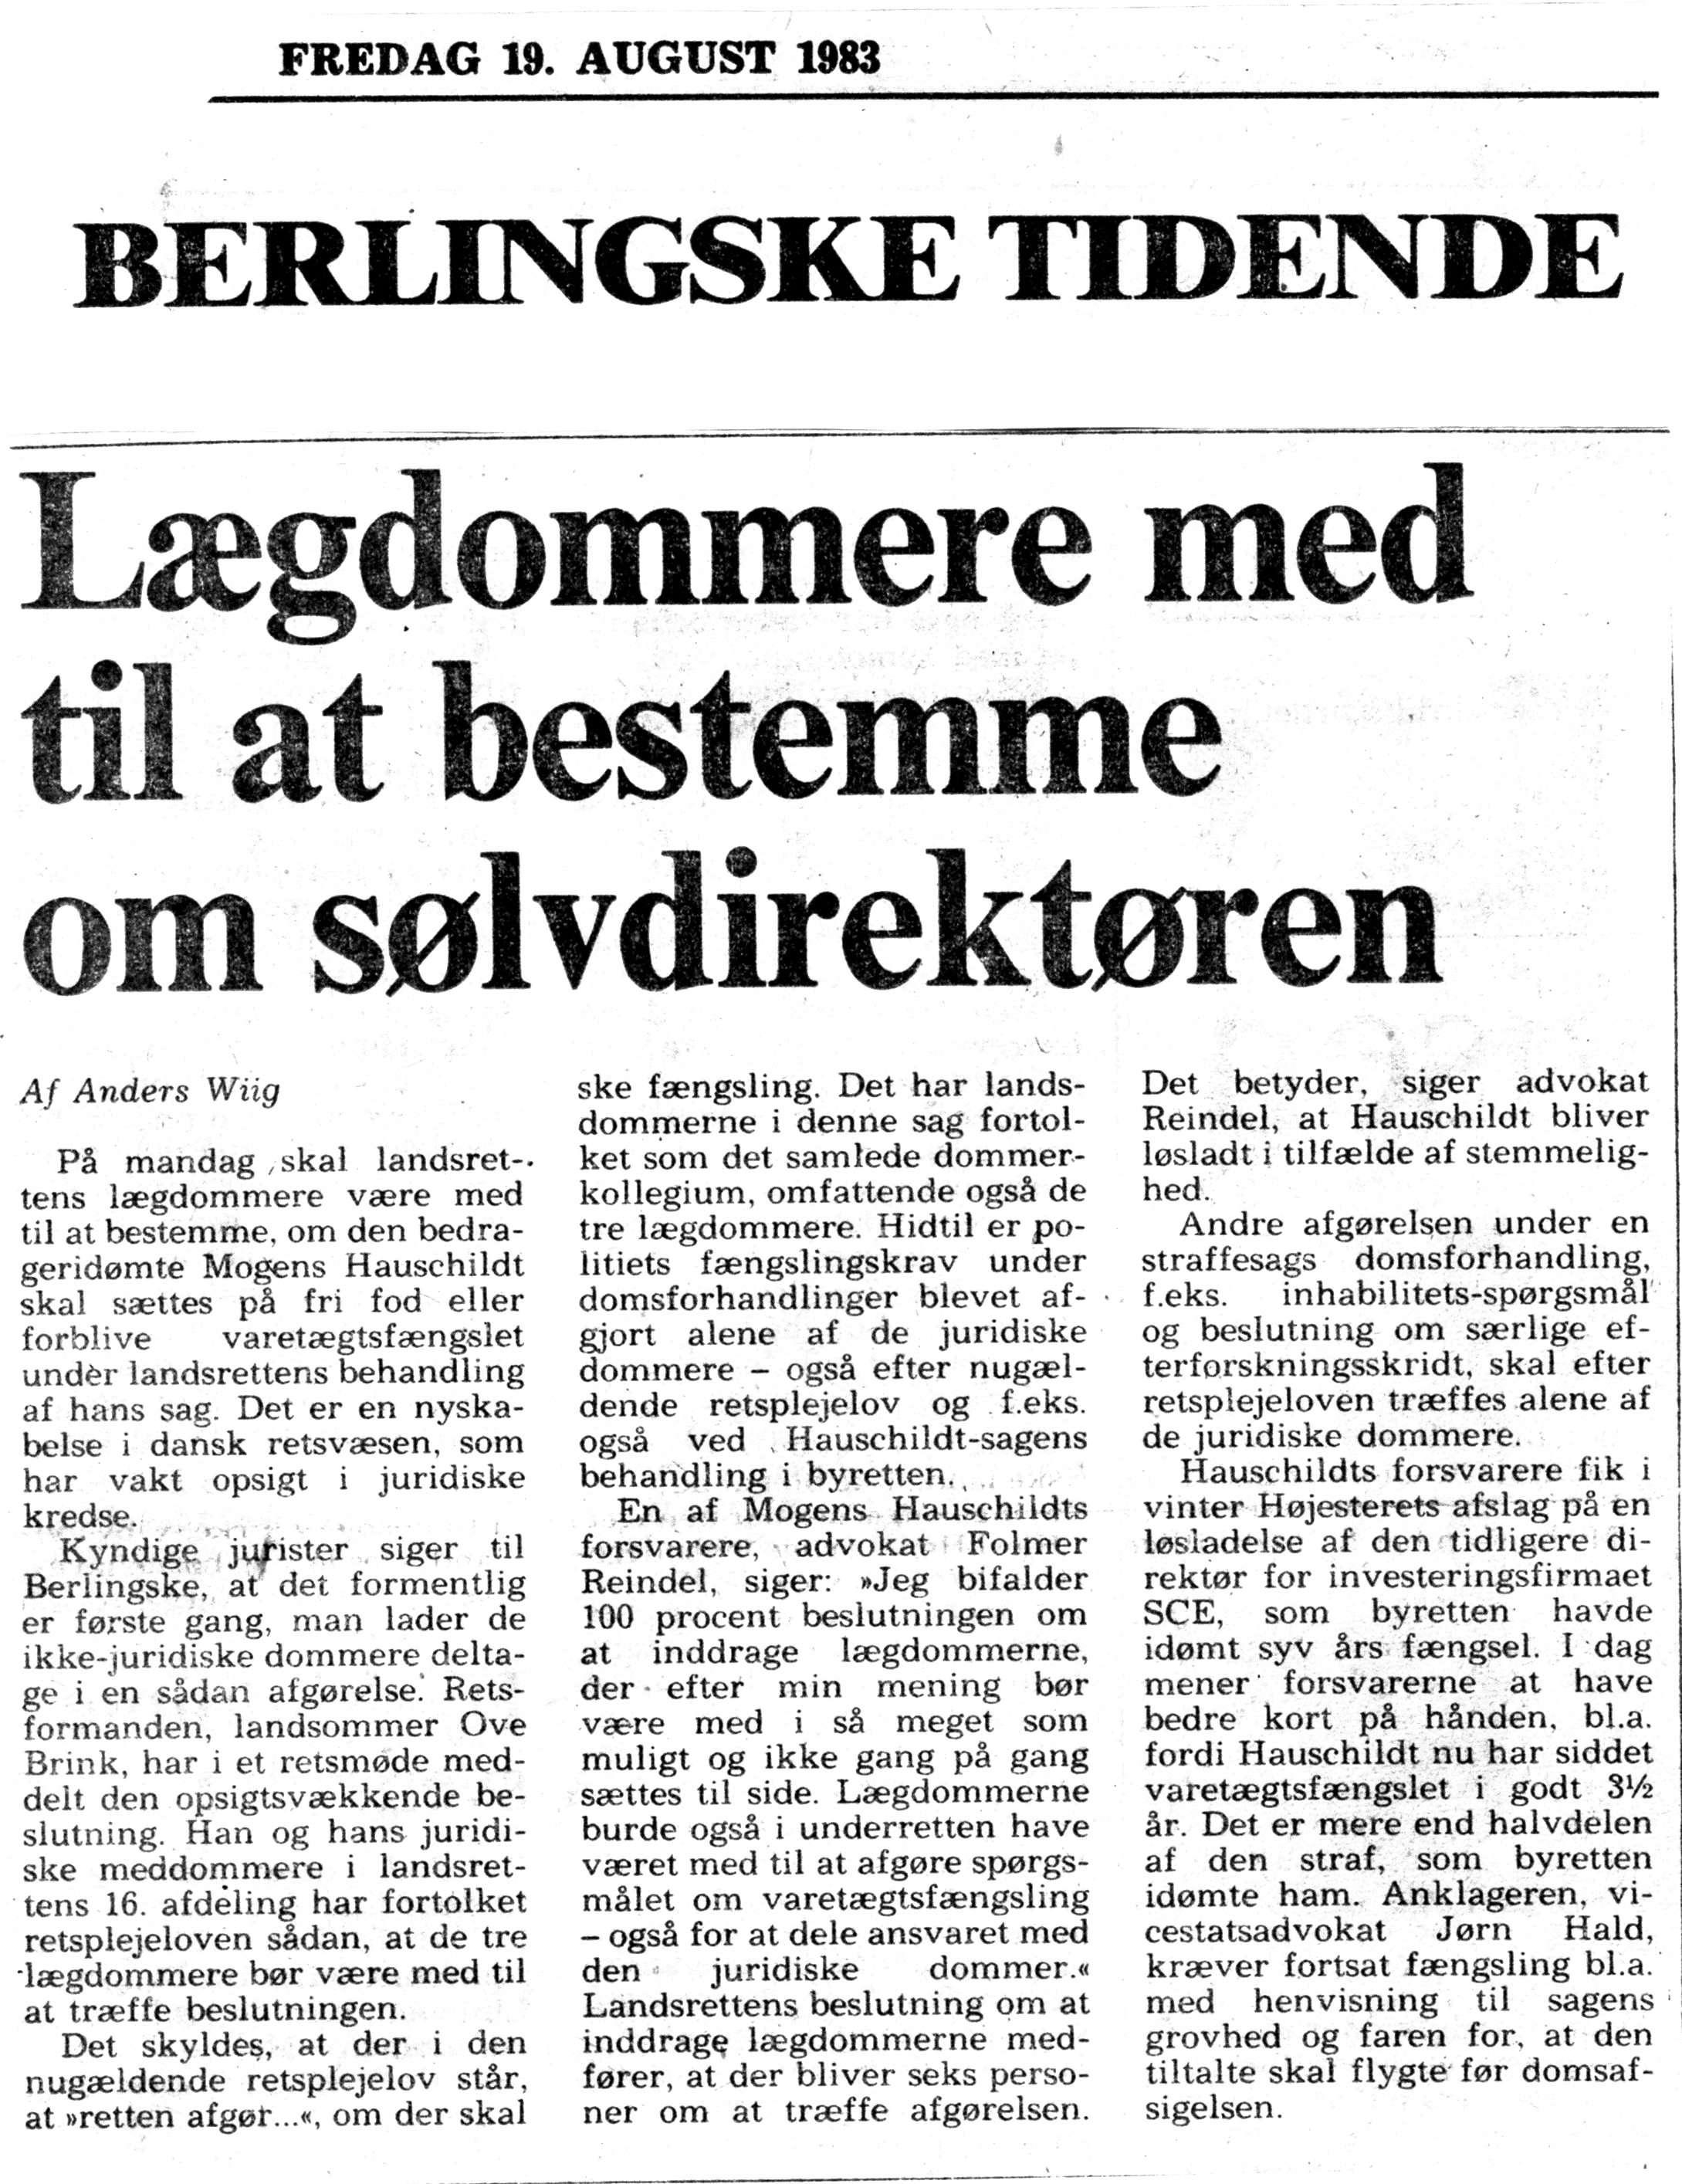 10.08.83-Lægdommere-med-til-at-bestemme_BerTid